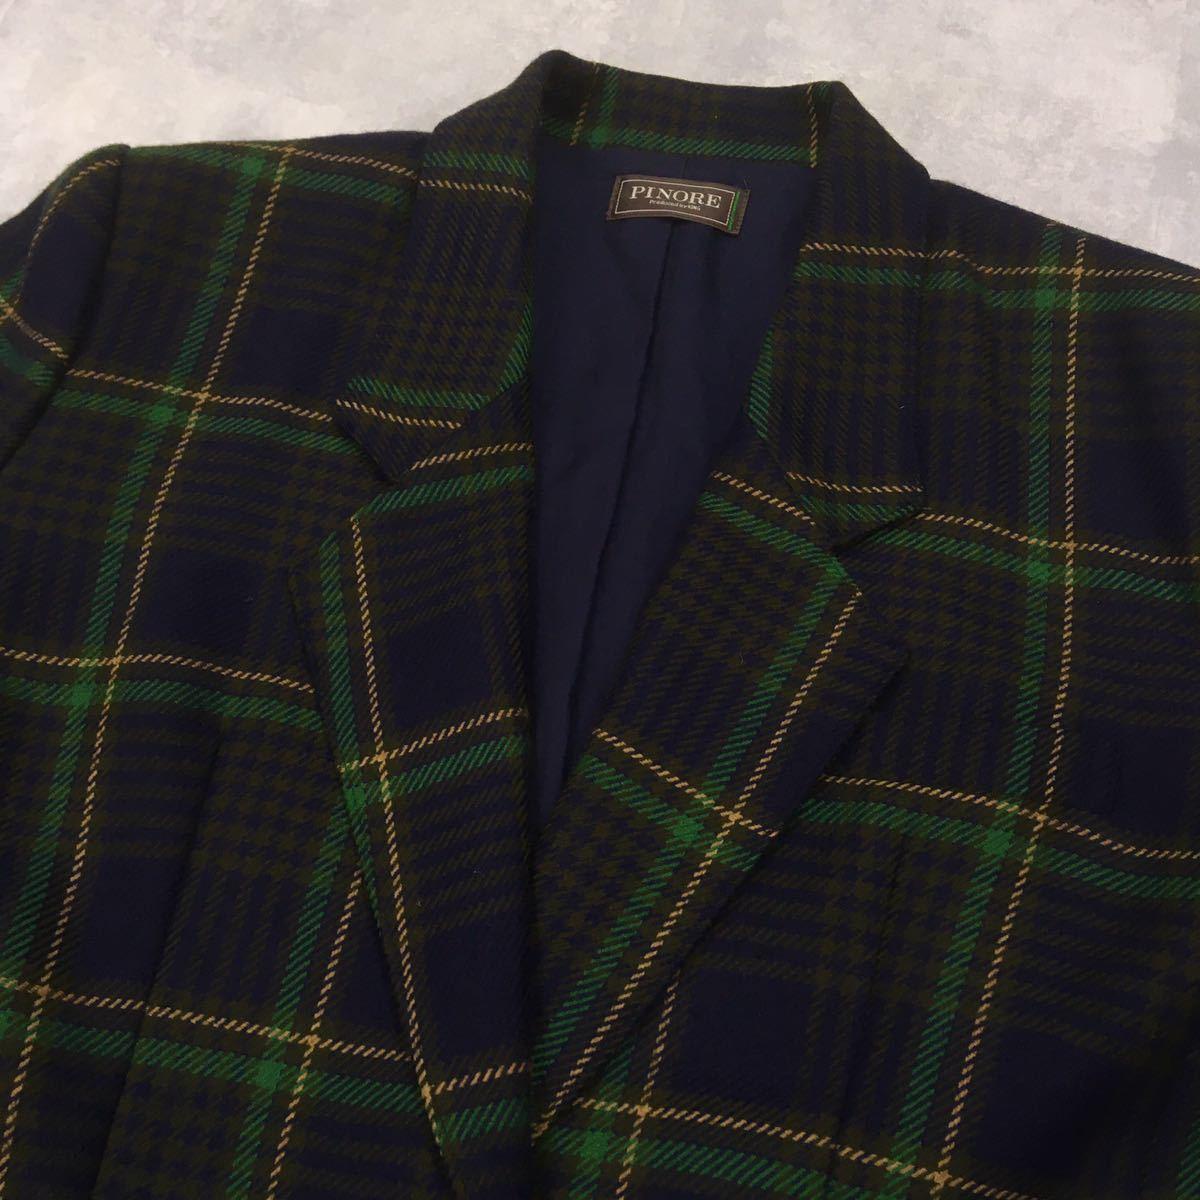 PINORE ピノーレ 株式会社キング スーツスカート セットアップ テーラードジャケット チェック ウール レディース サイズ9号